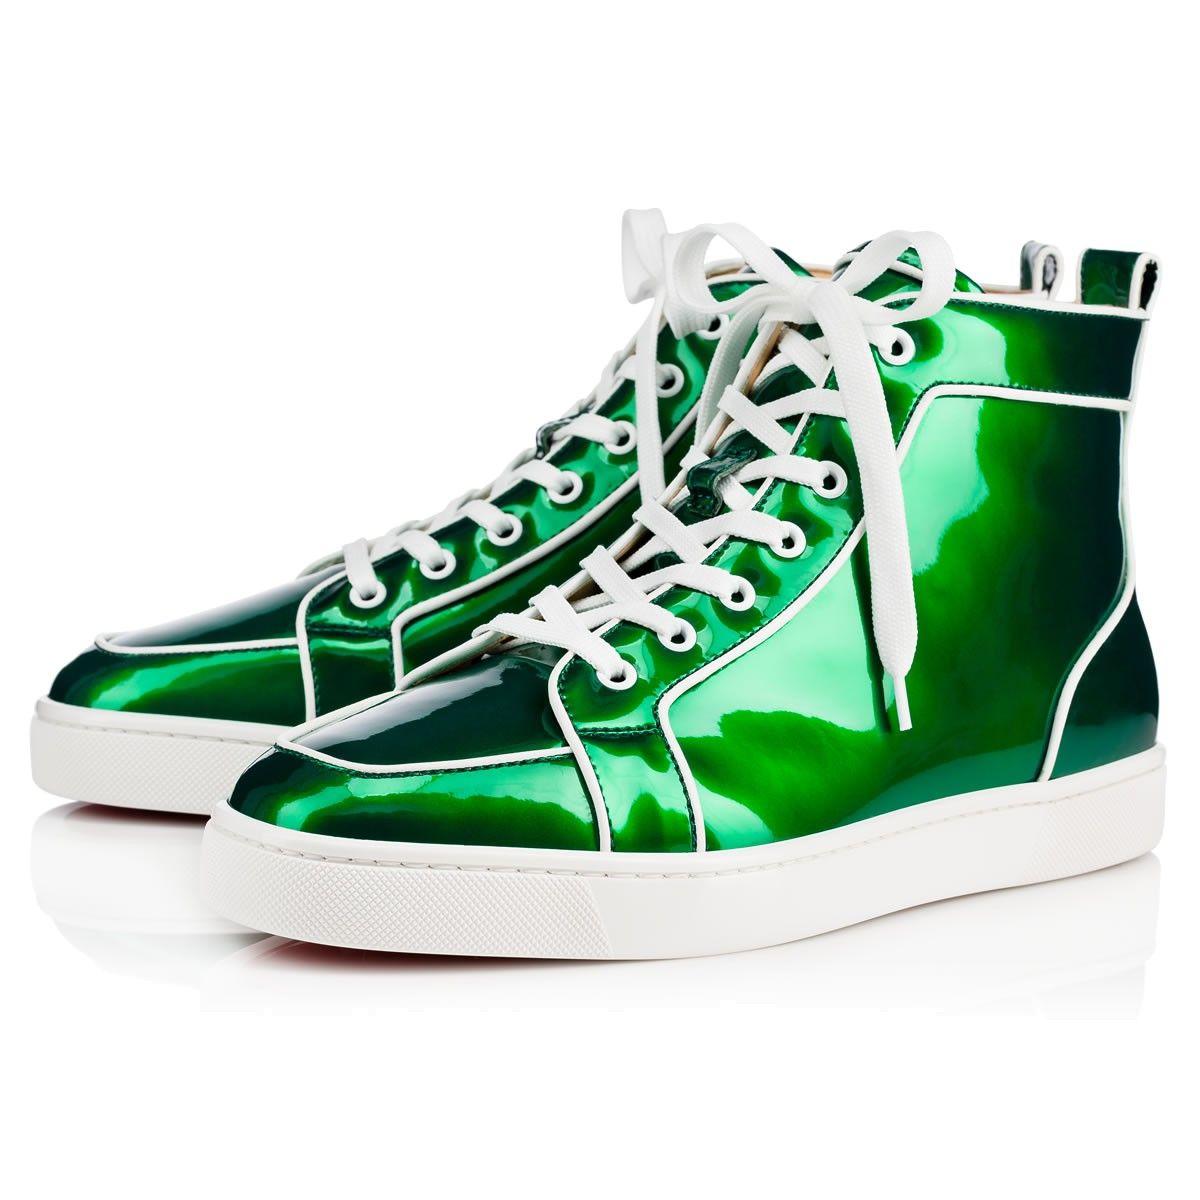 905132808e9e CHRISTIAN LOUBOUTIN Rantus Orlato Men s Flat Green Latte Patent - Men Shoes  - Christian Louboutin.  christianlouboutin  shoes